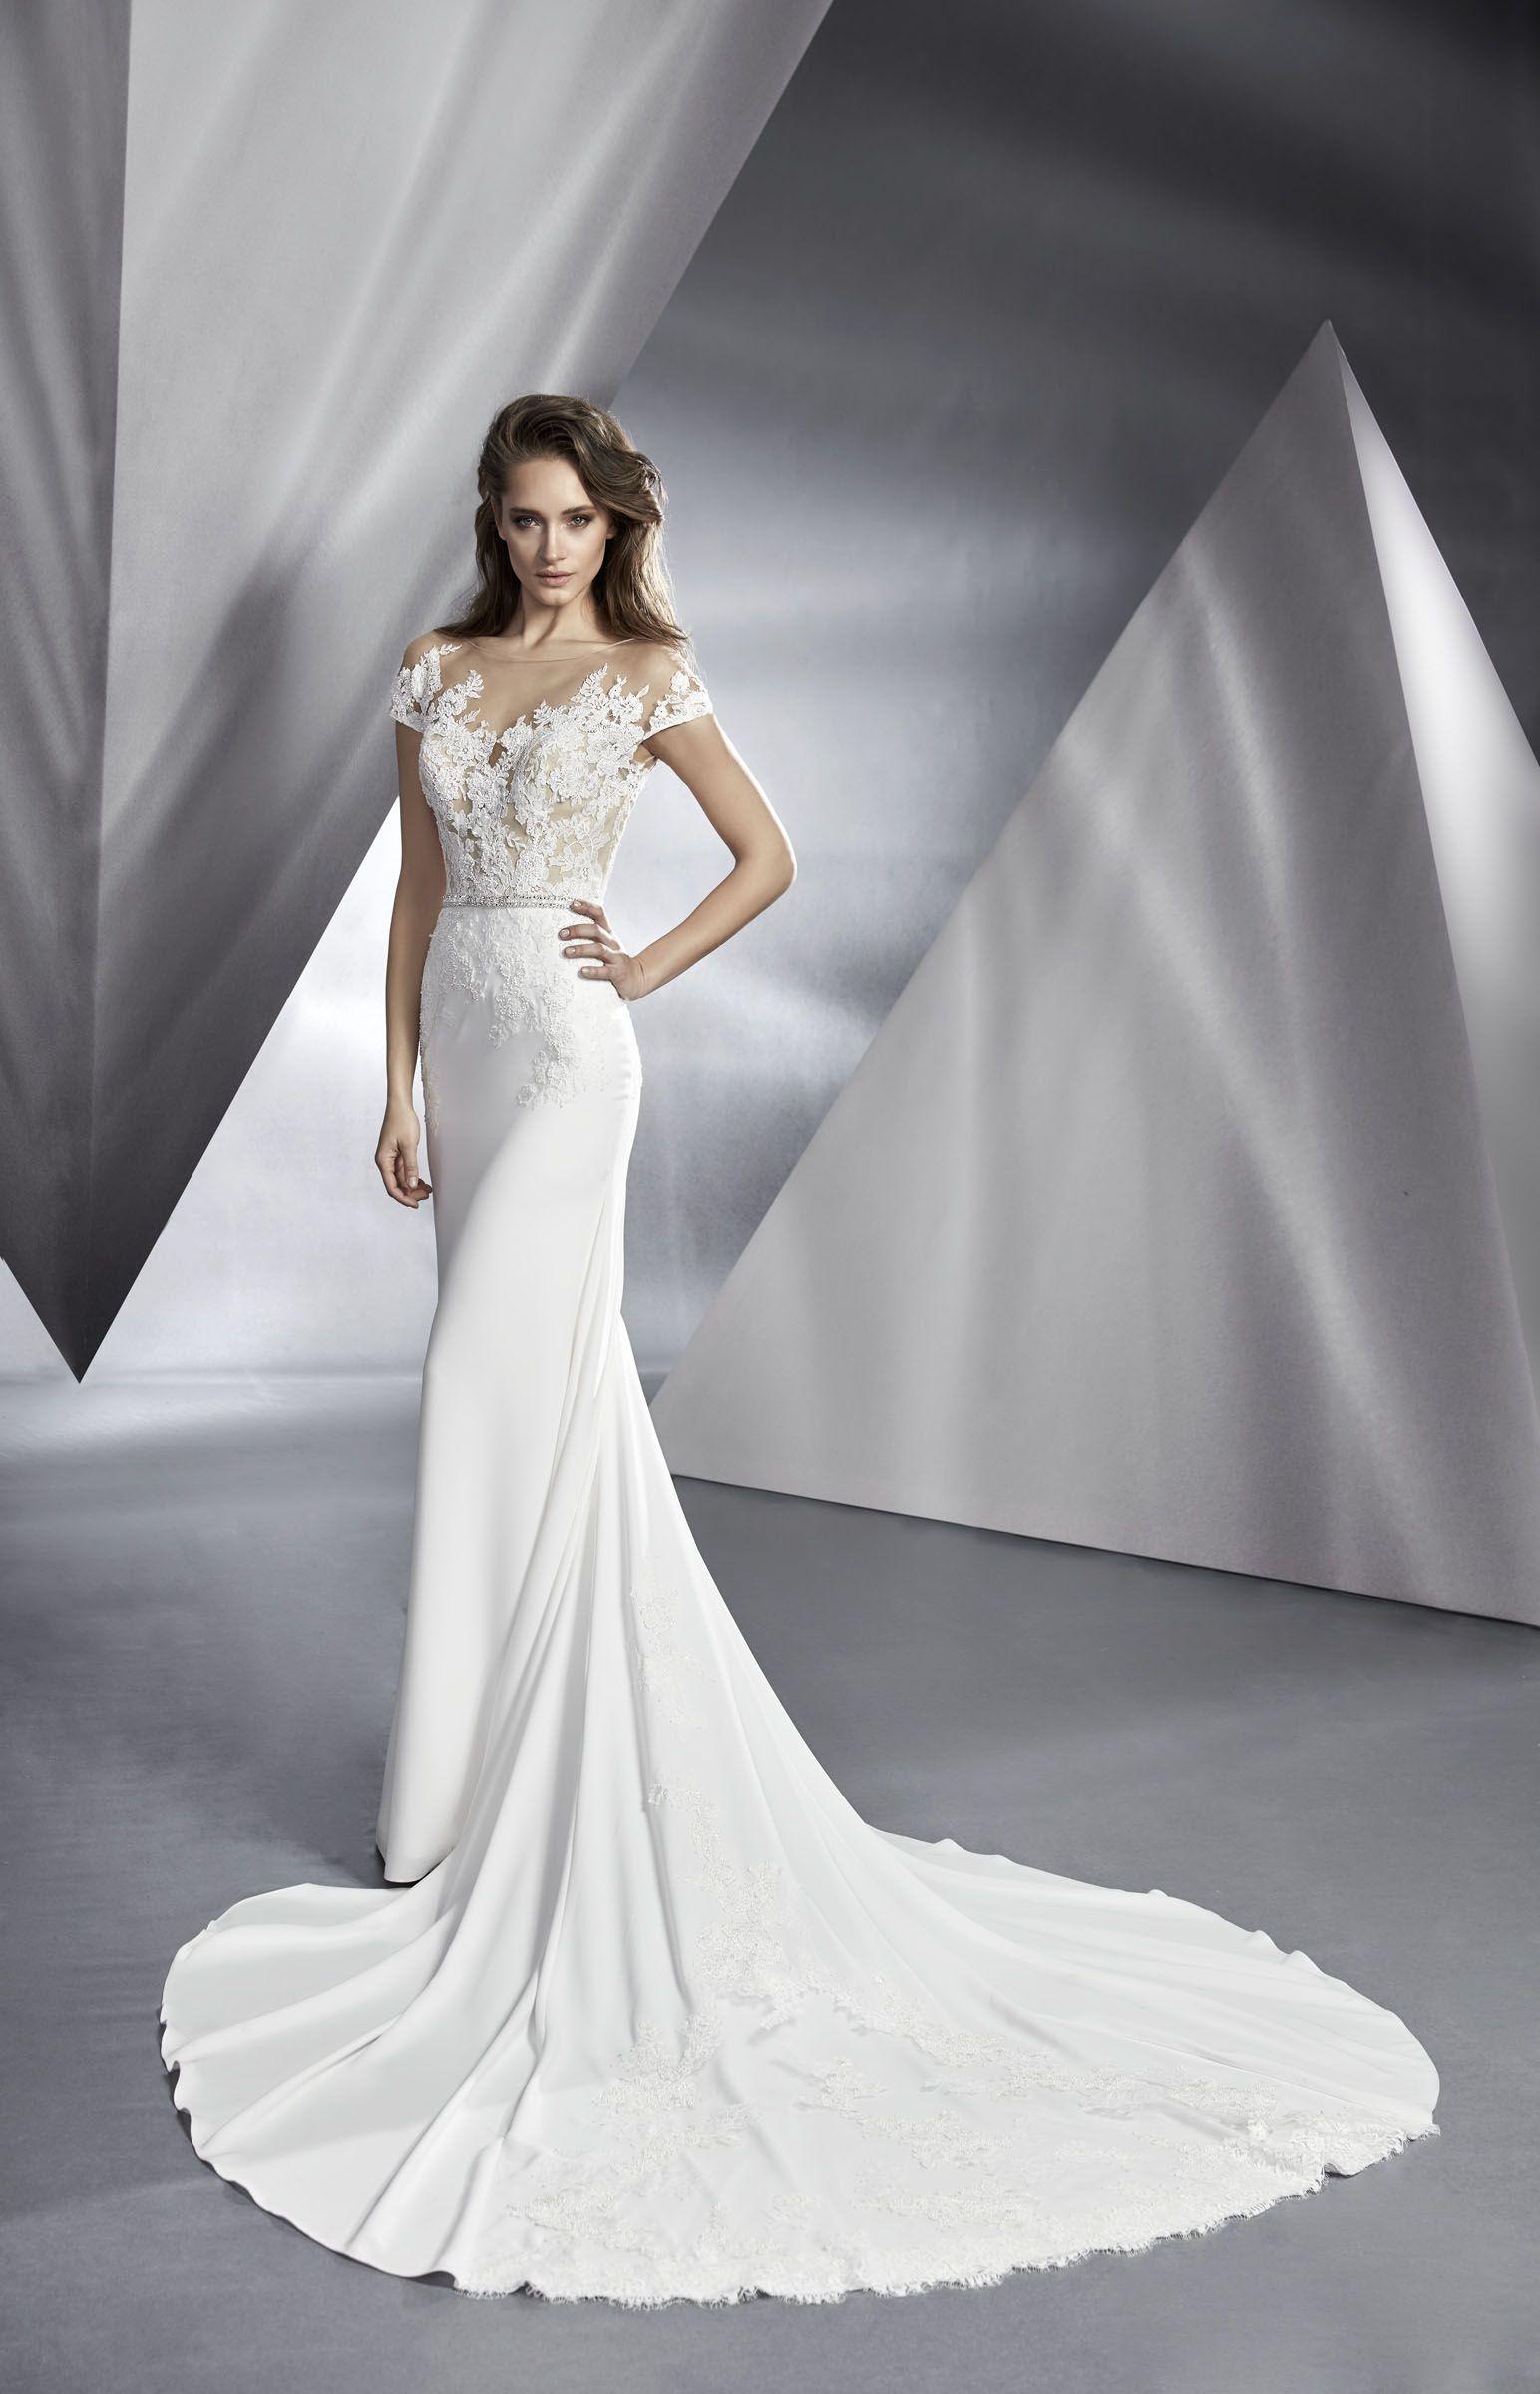 Sehr elegantes, figurbetontes Brautkleid mit tiefem